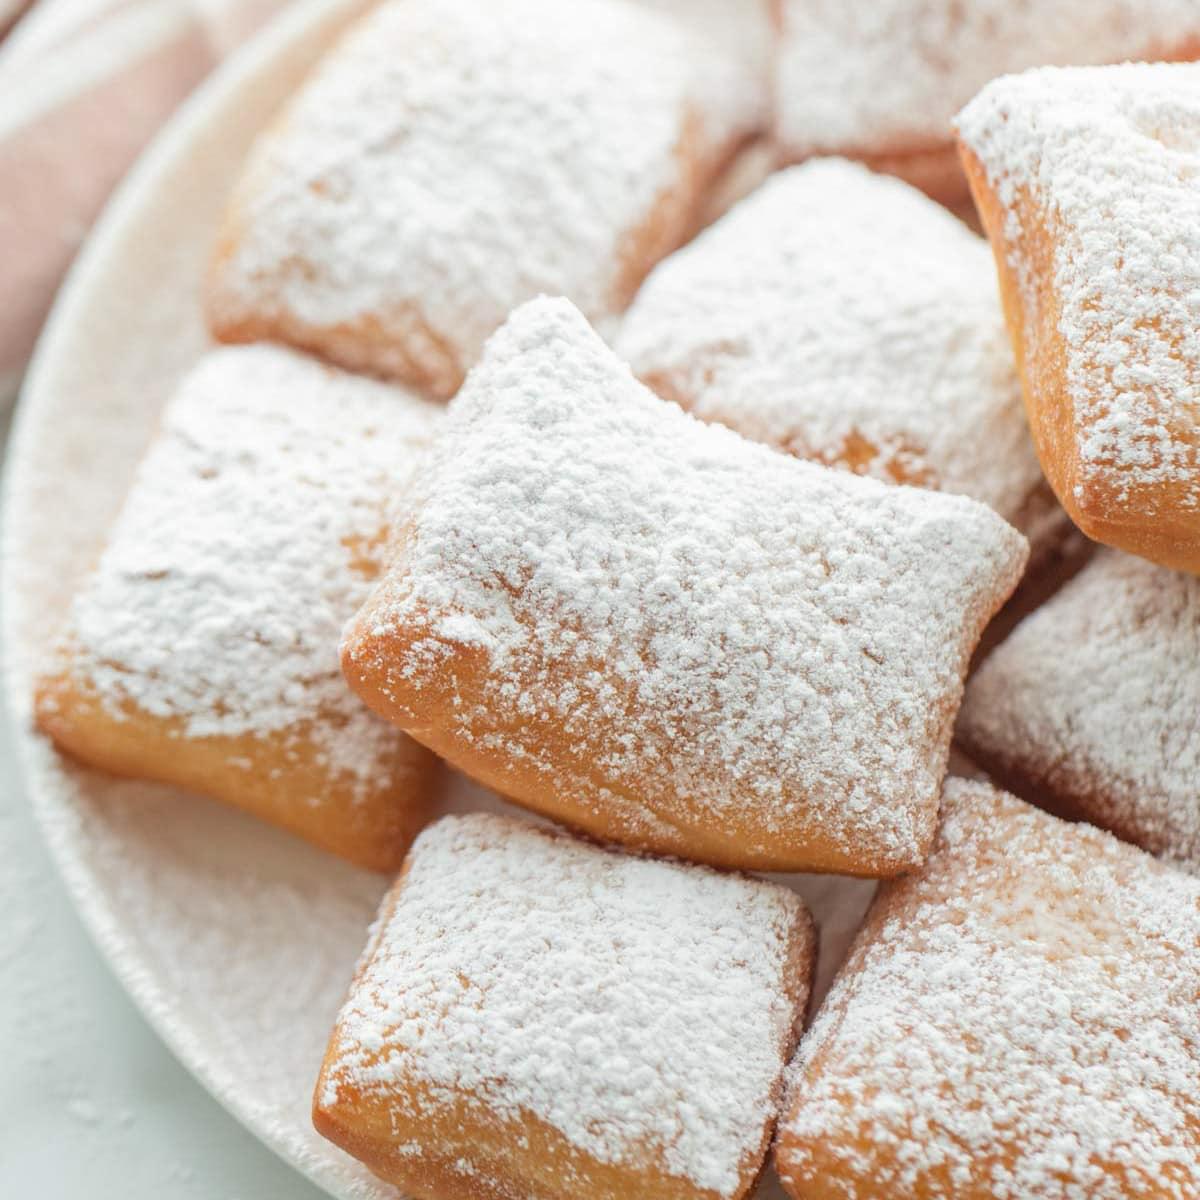 Beignets covered in powder sugar